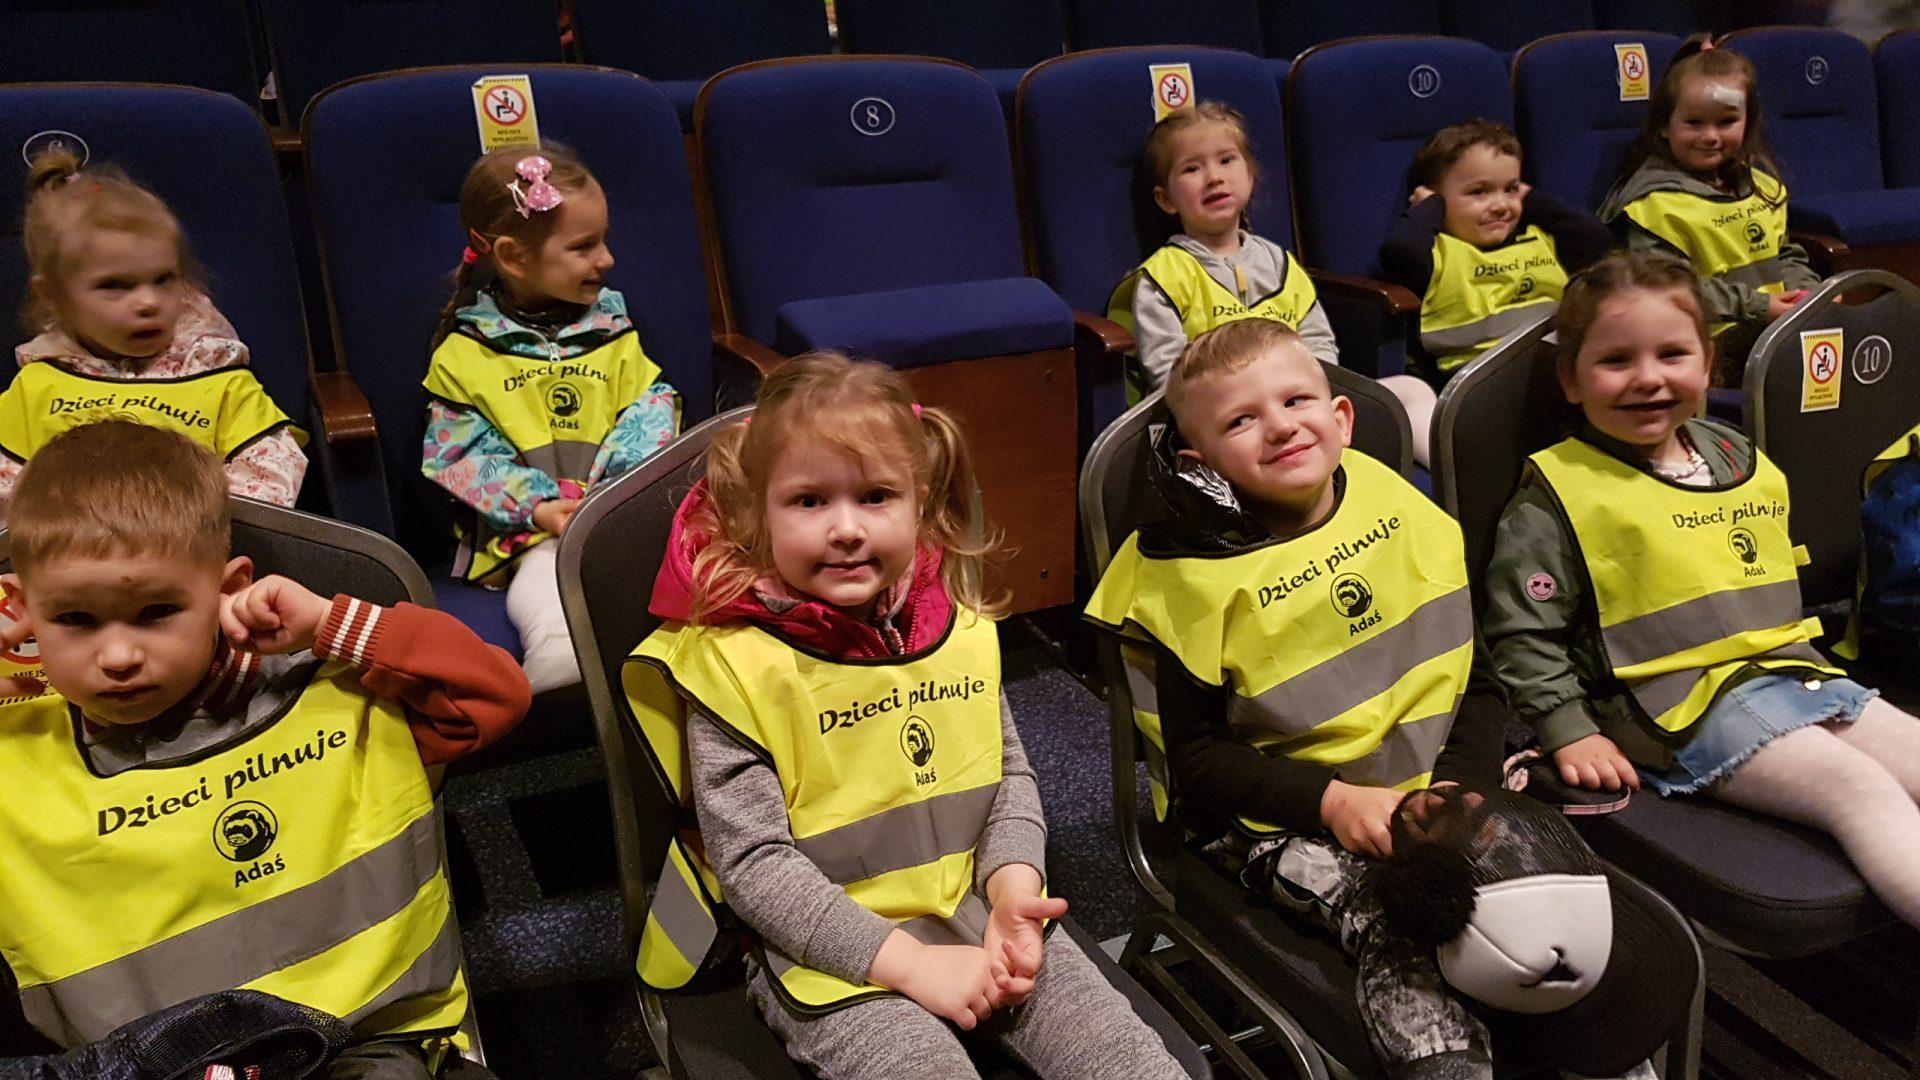 grupa dzieci ogląda spektakl